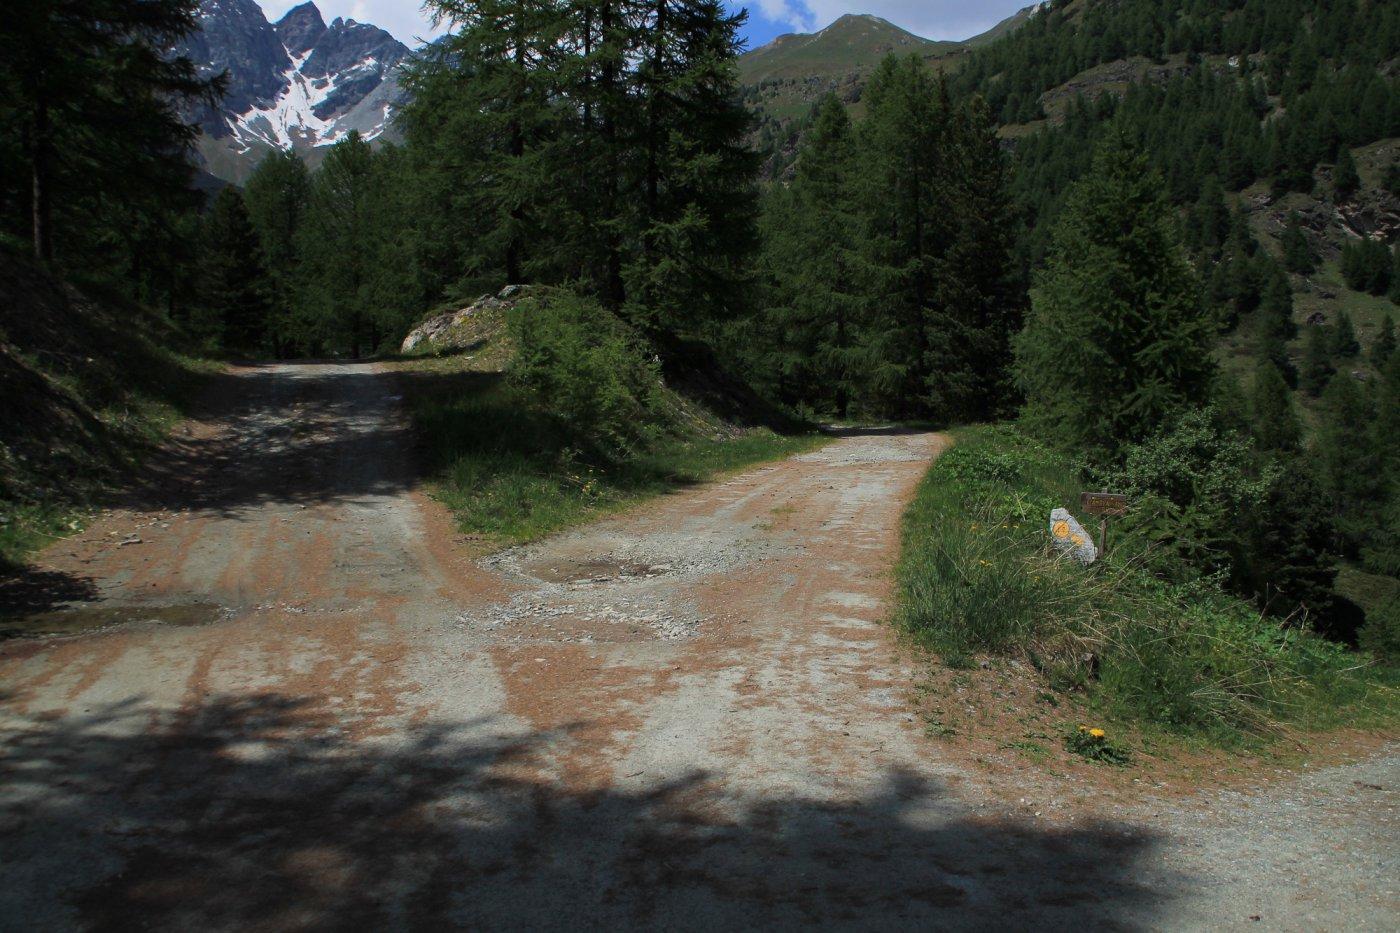 Il bivio in cui si lascia il sentiero 14, procedere diritti.